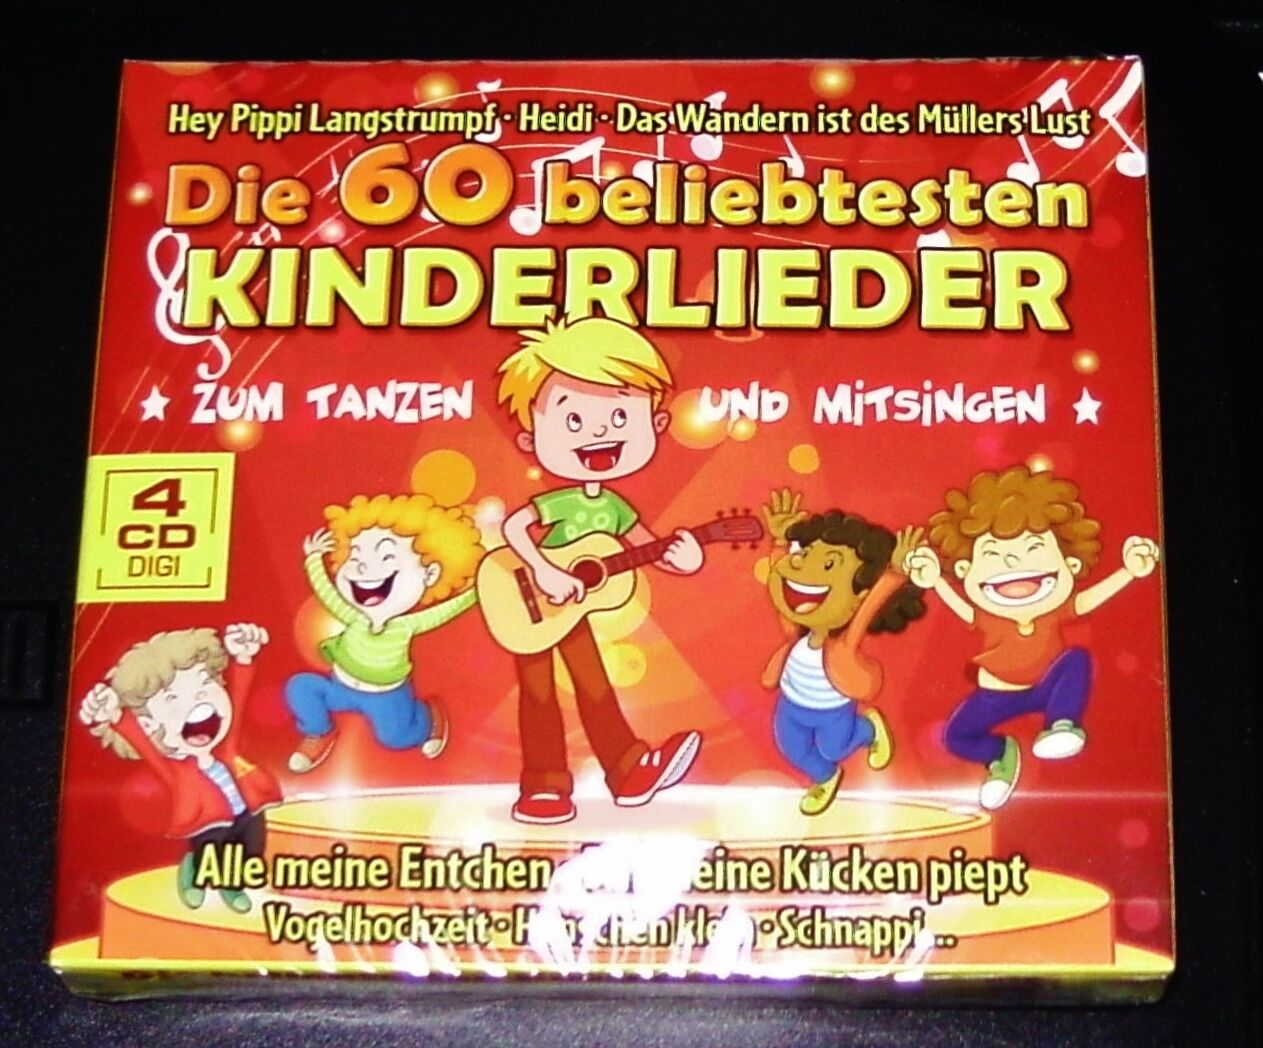 DIE 60 BELIEBTESTEN KINDERLIEDER ZUM TANZEN UND SINGEN 4 CD DIGIPAK EDITION NEU